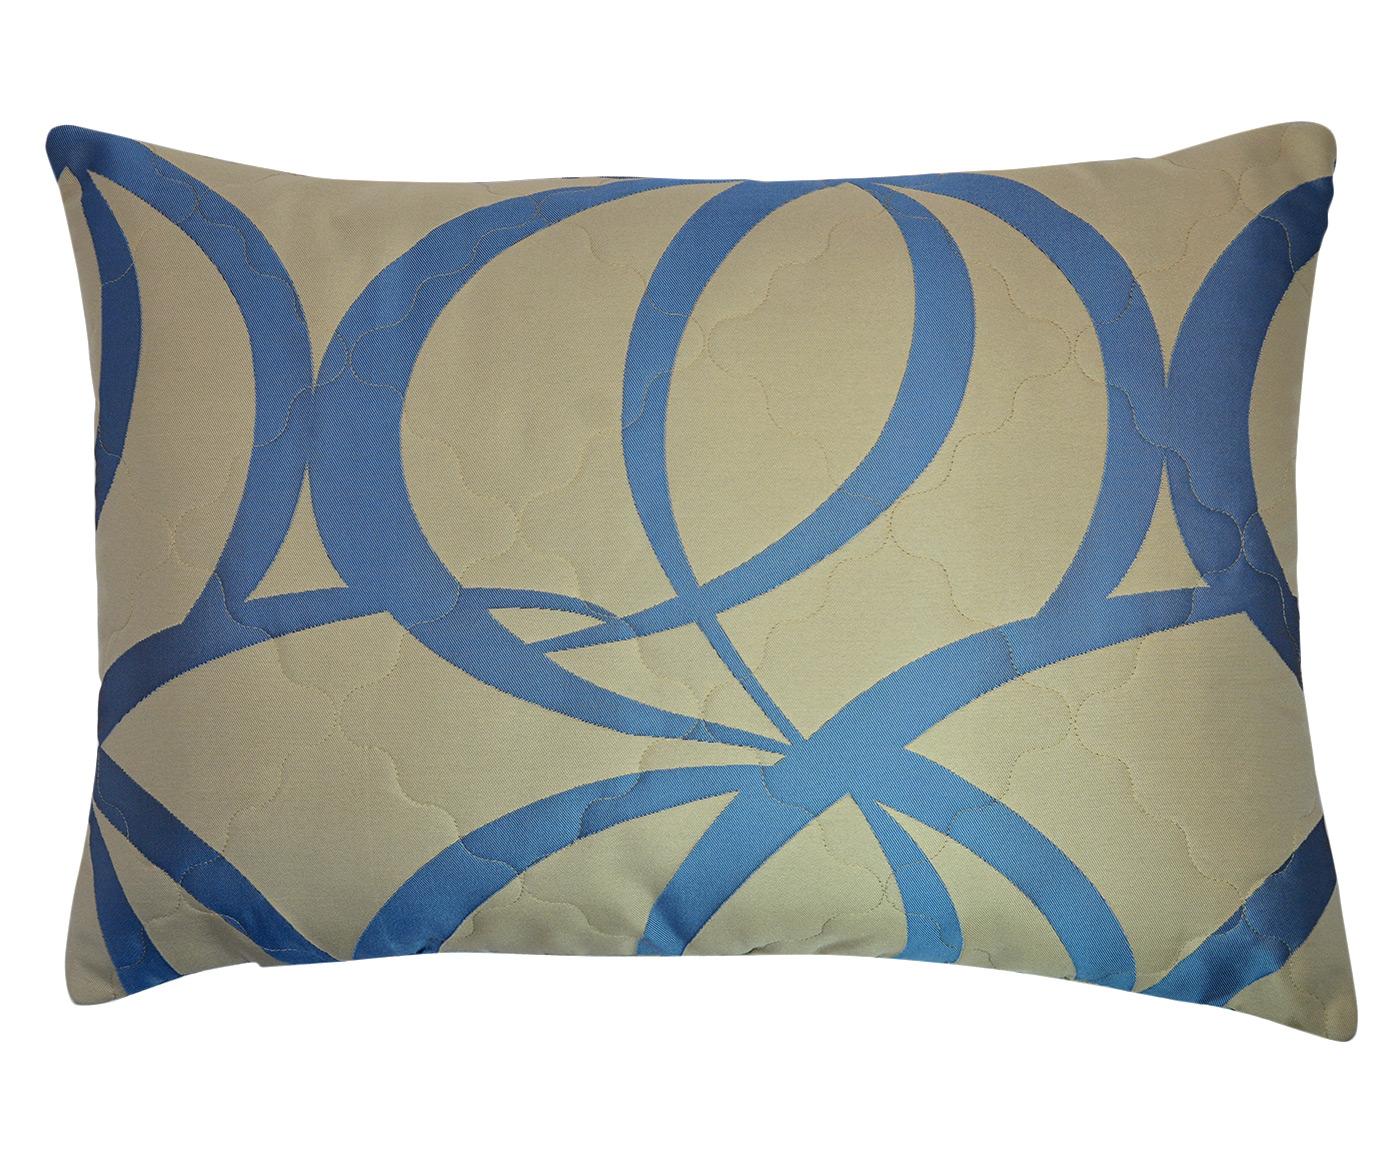 Наволочка Blu collectionПрямоугольные подушки и наволочки<br>Декоративный чехол на  подушку размером 50х70 см .Чехол съемный.<br><br>Material: Вискоза<br>Length см: 45<br>Width см: 65